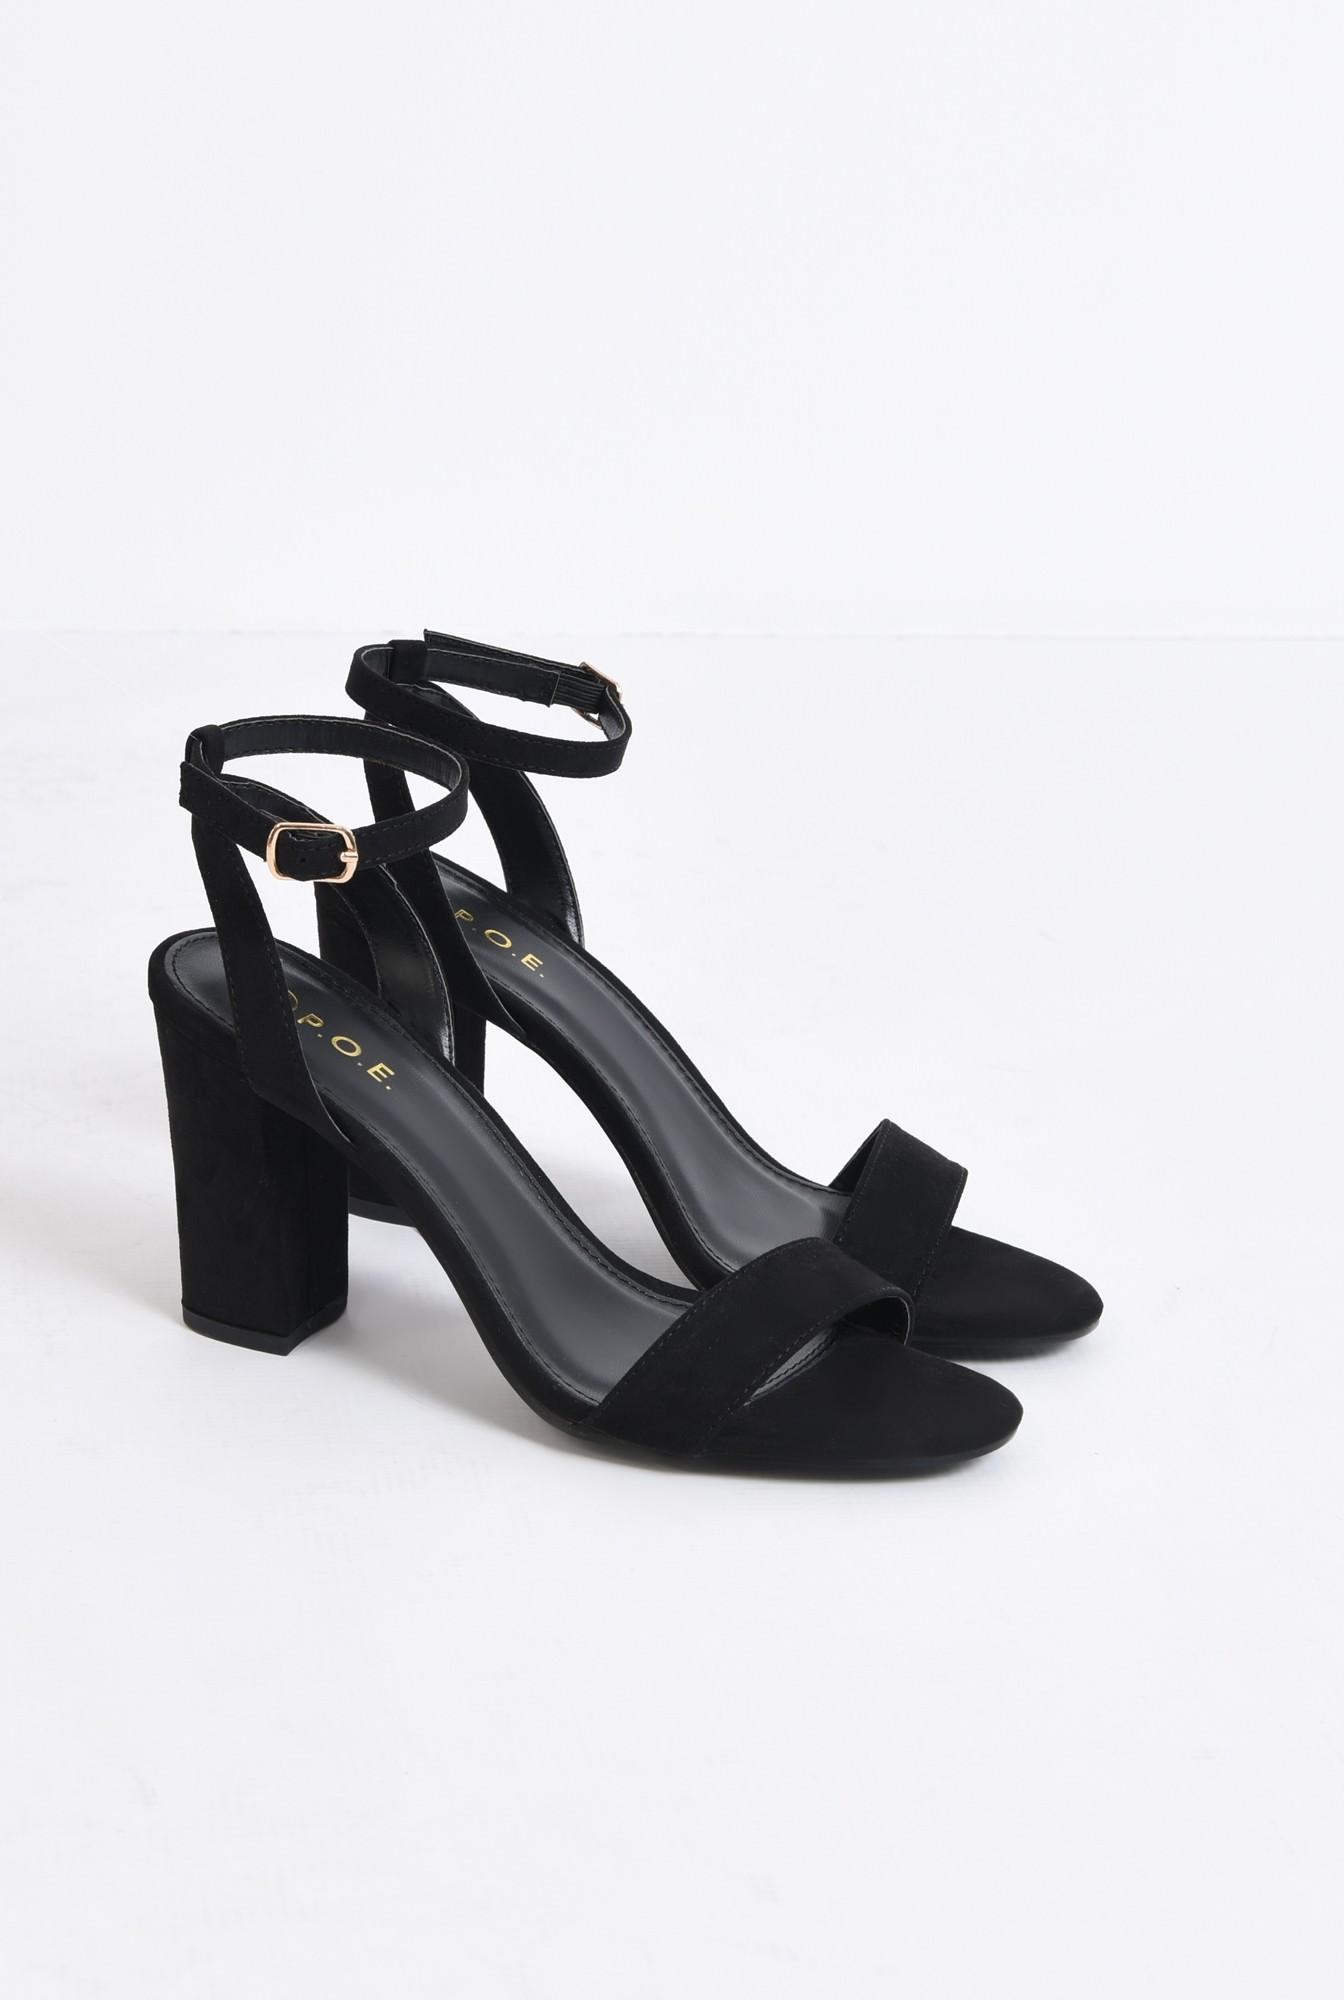 1 - sandale elegante, negre, din catifea, toc gros